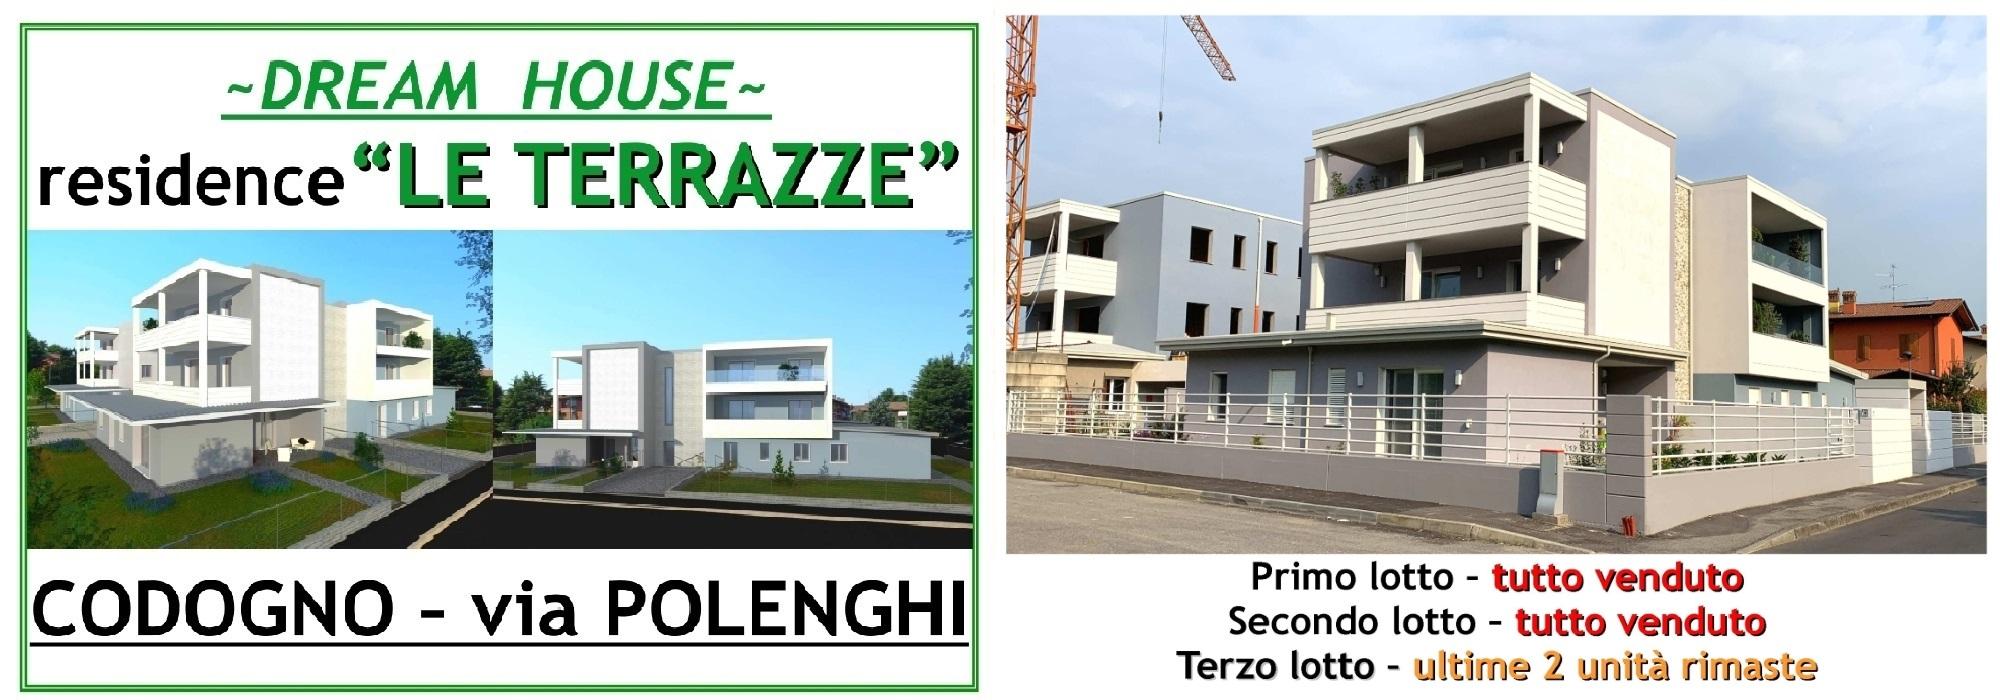 """VIA POLENGHI, CODOGNO – RESIDENCE """"LE TERRAZZE"""" – Ultime 2 unità disponibili per il lotto C"""